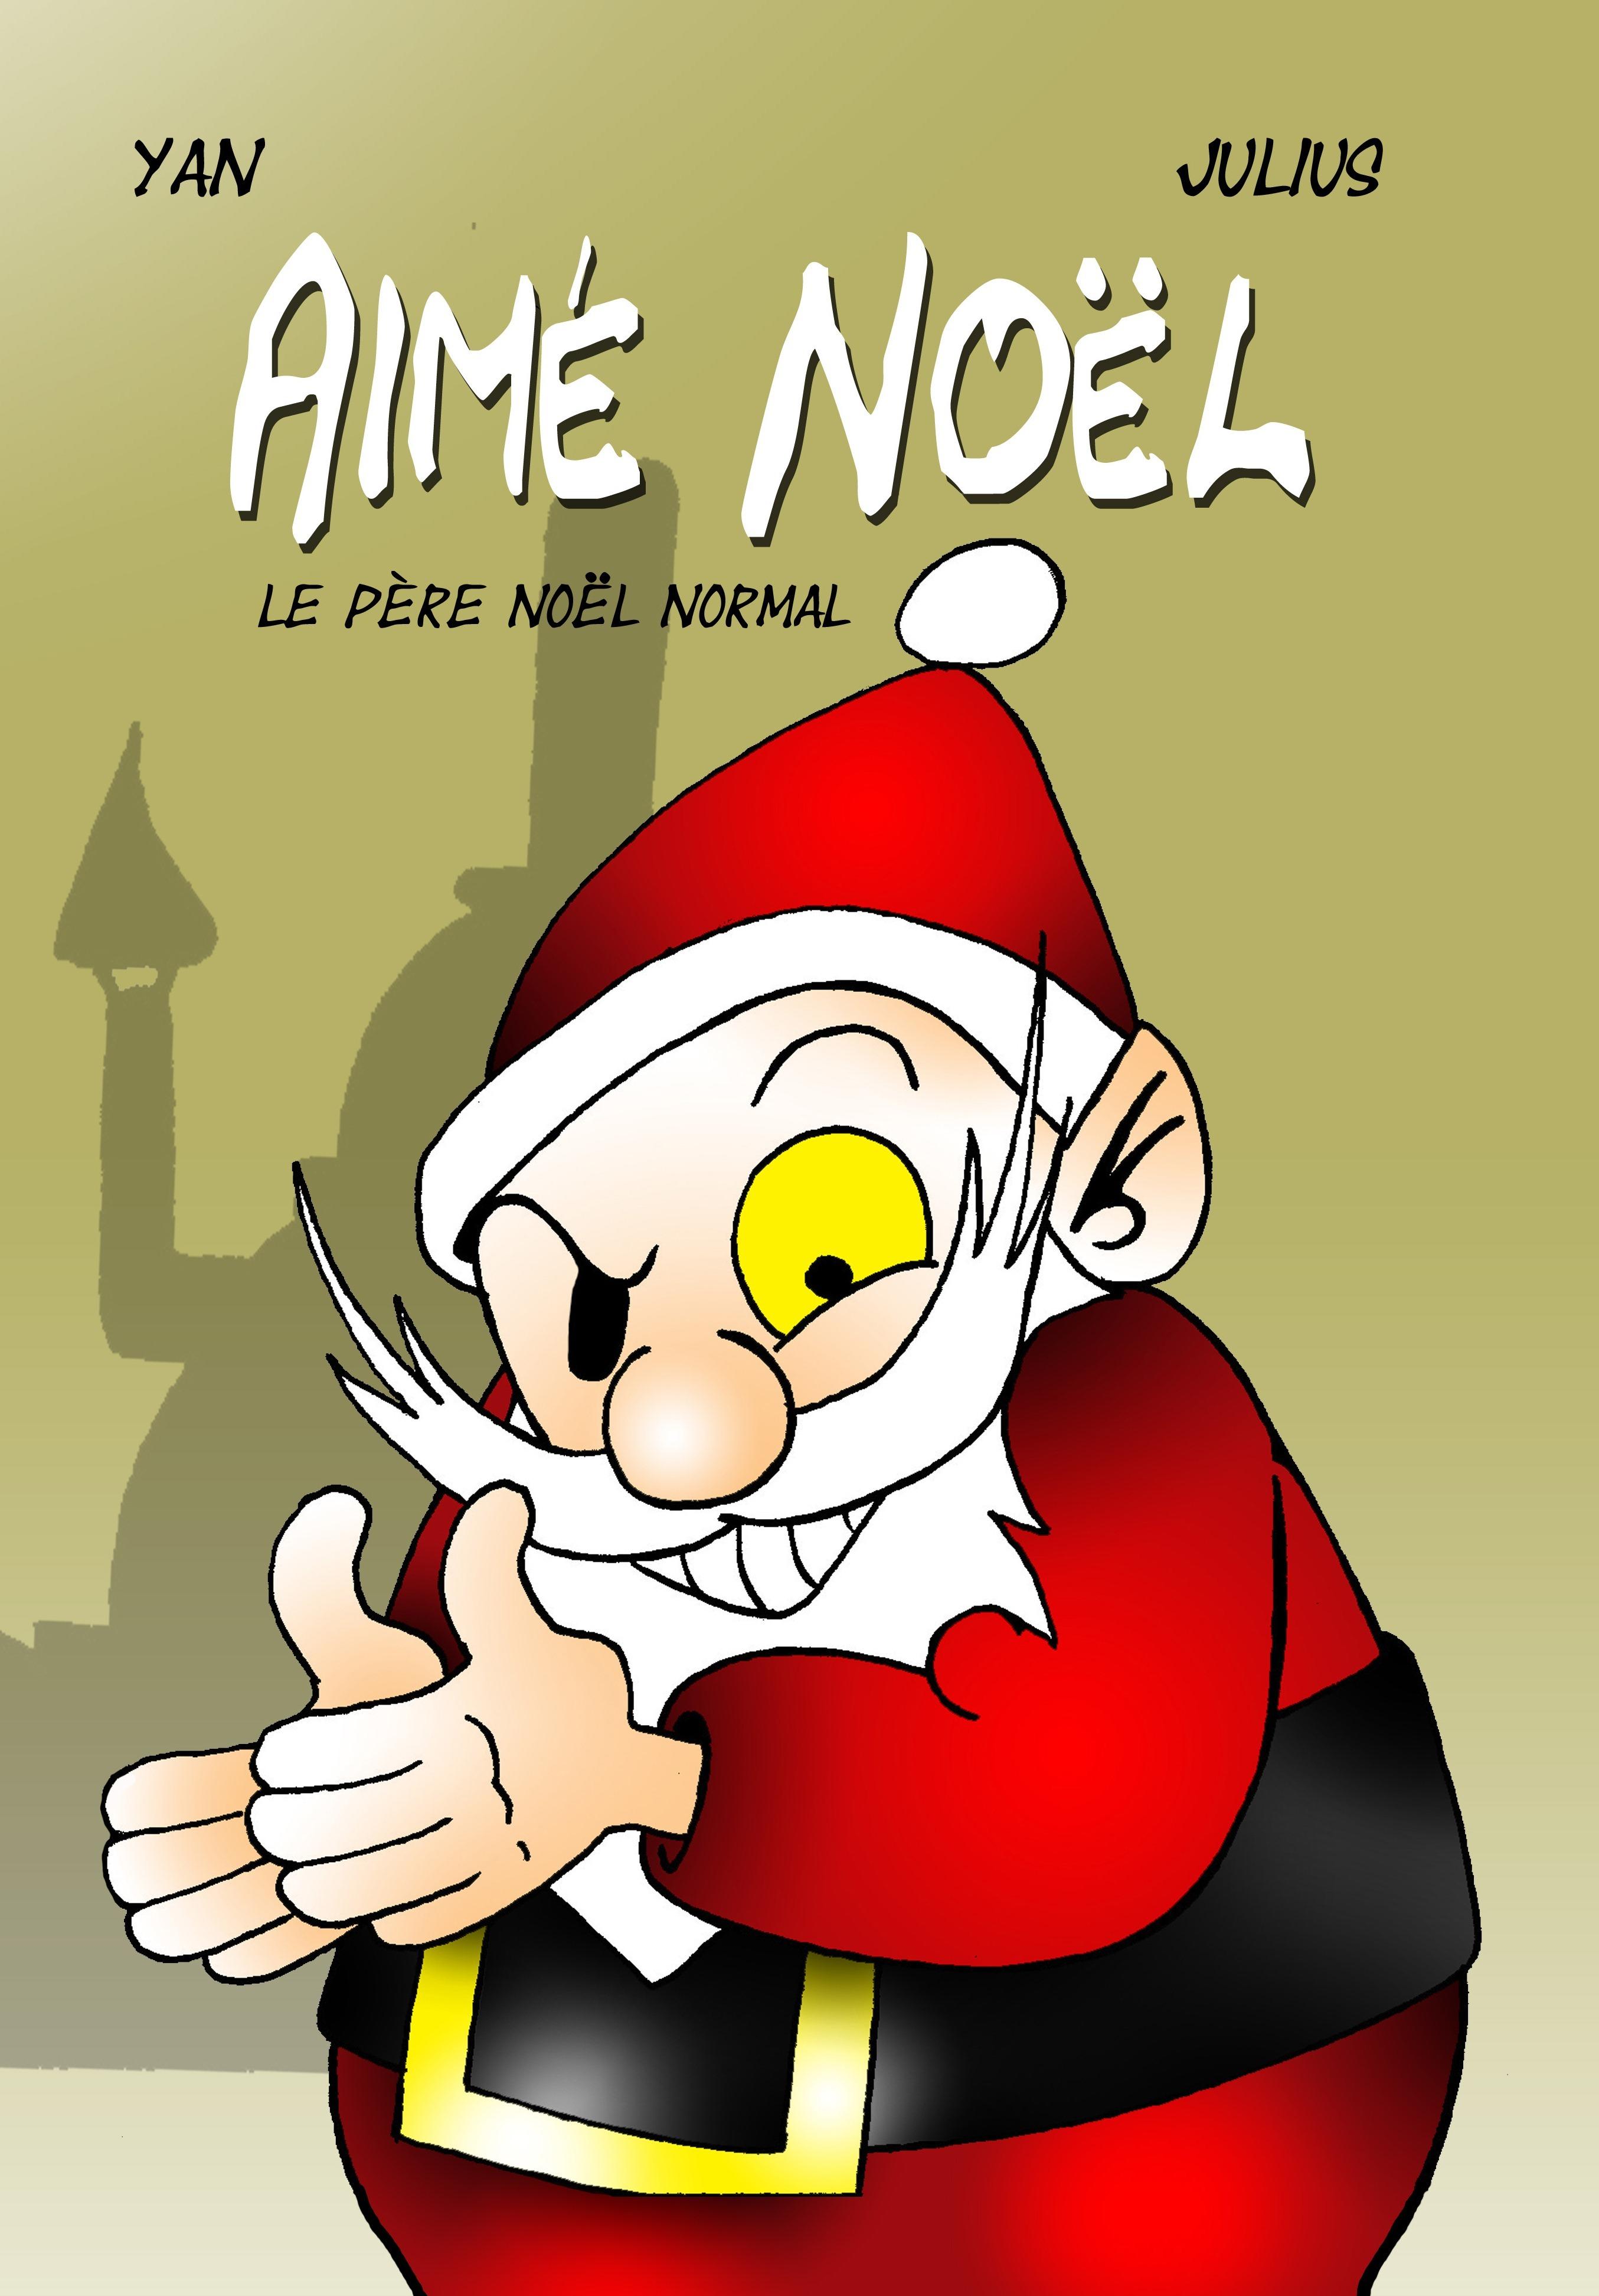 AIME NOEL, LE PERE NOEL NORMAL